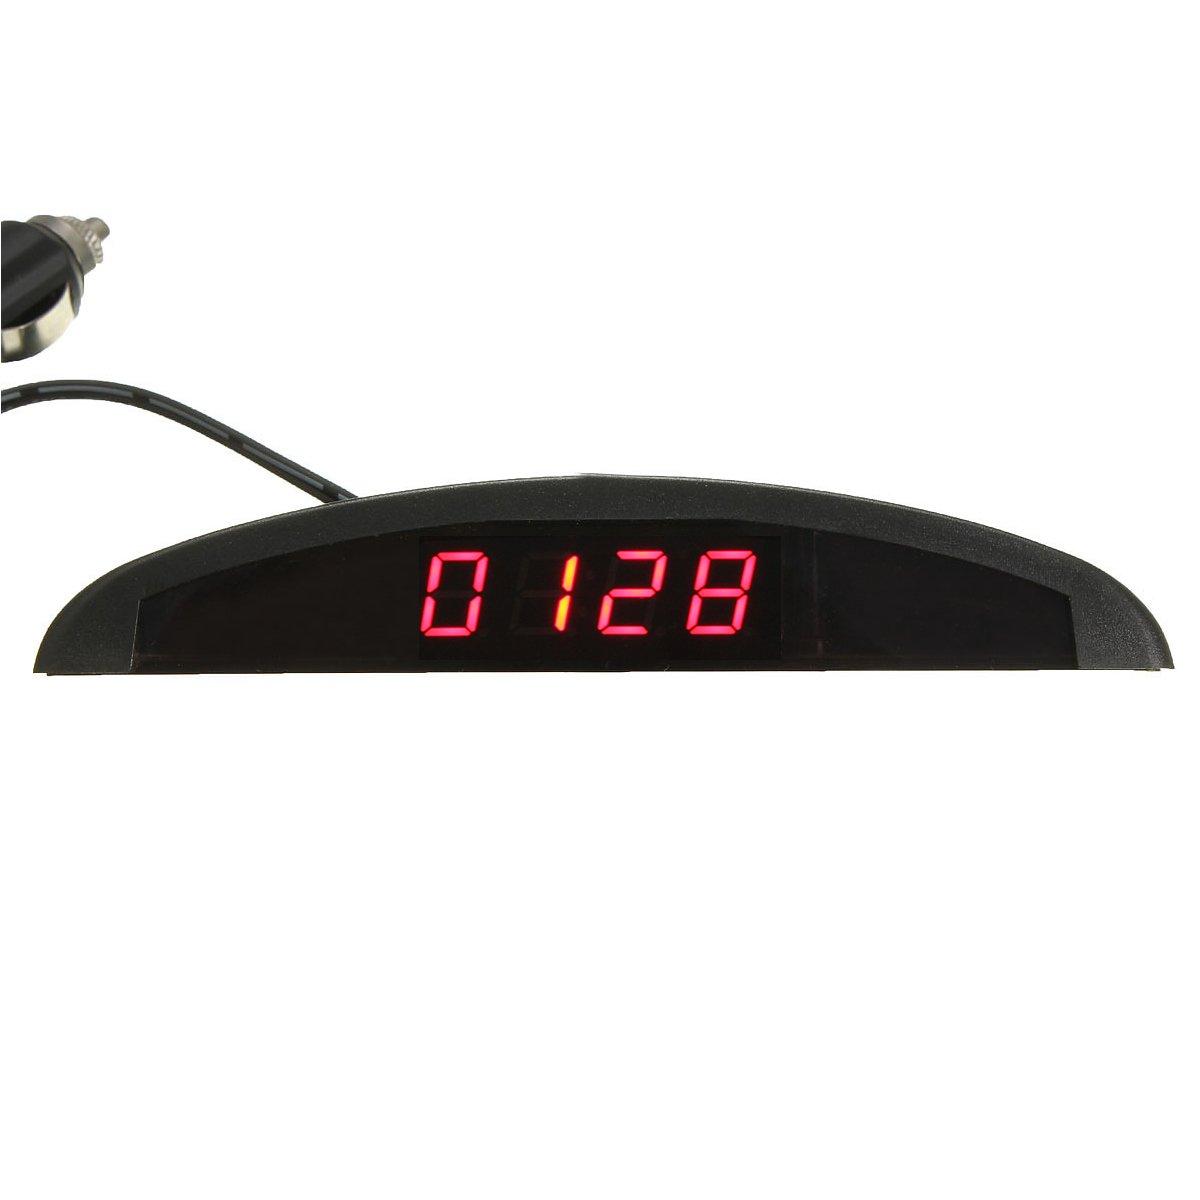 YONGYAO Horloge LED Numé rique Auto Voltmè tre Thermomè tre 12V 3 en 1 Fonction-Rouge